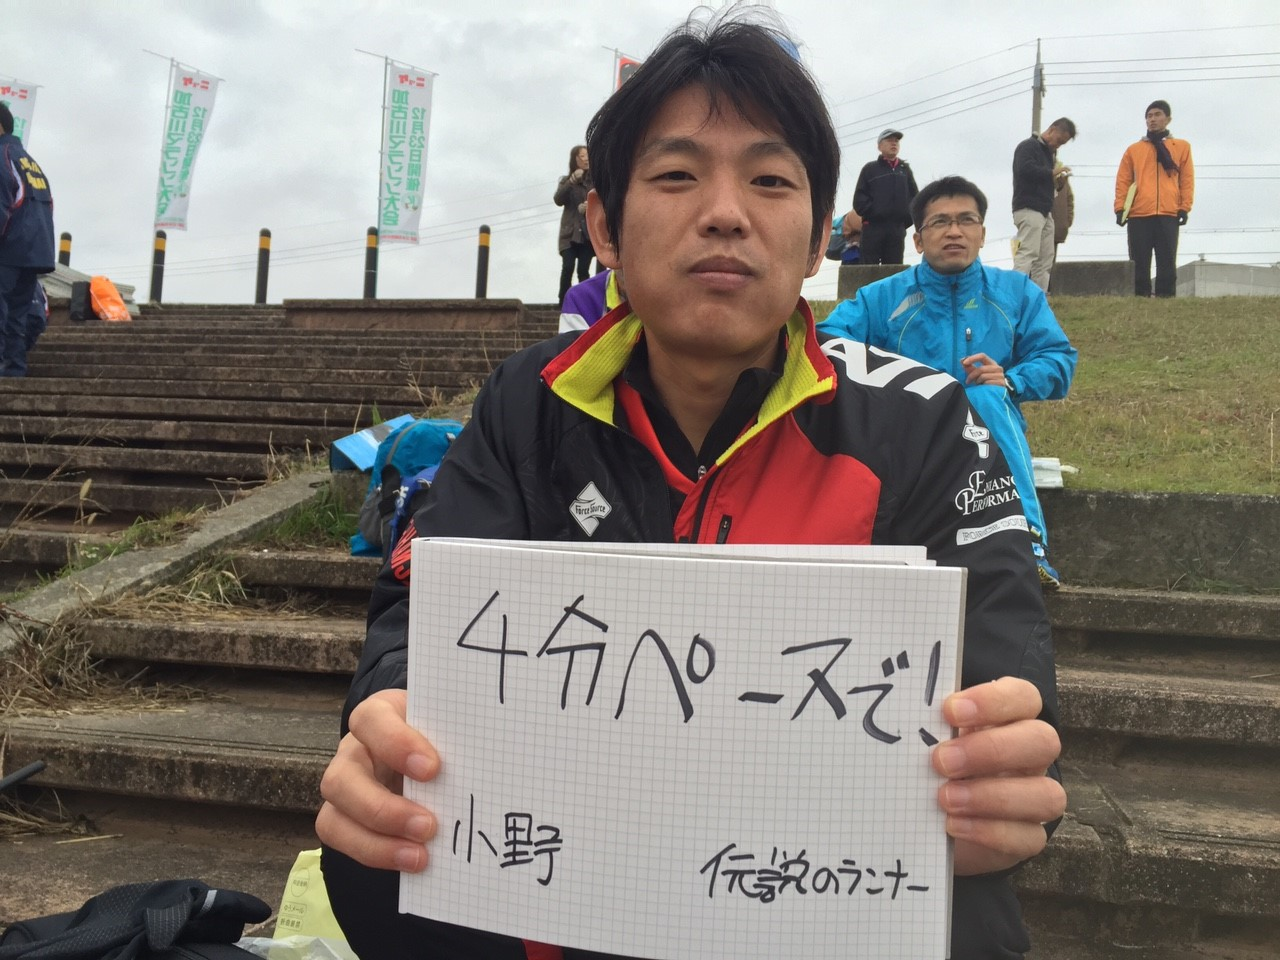 加古川マラソン目標_1841